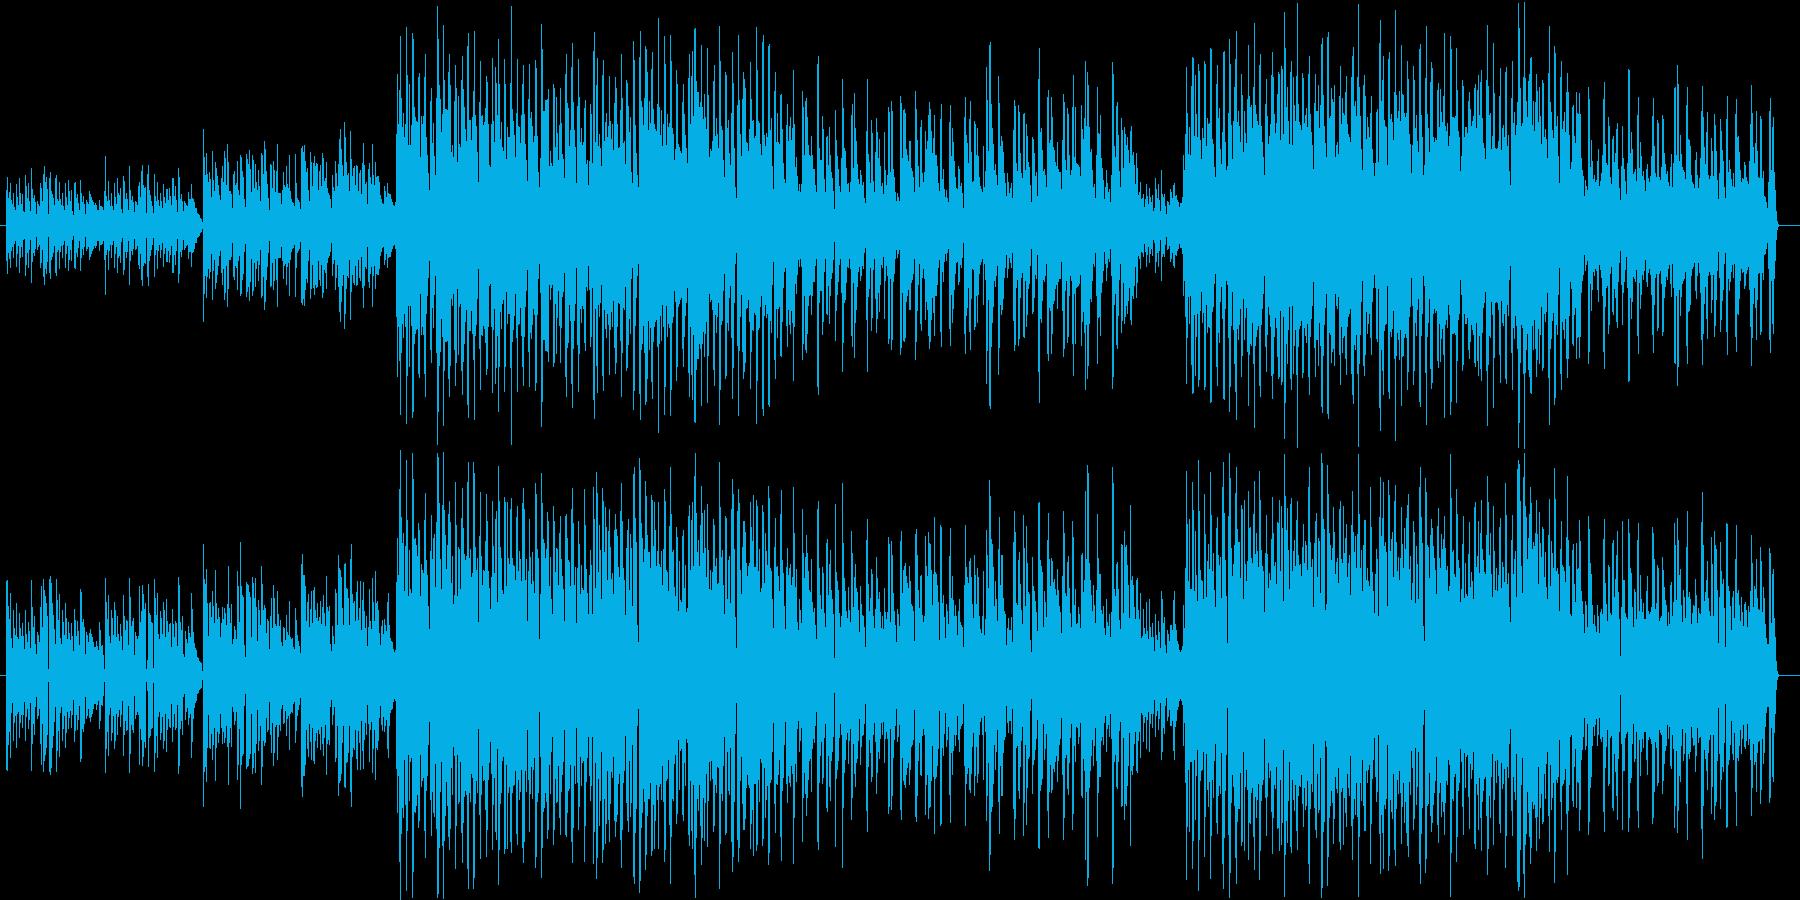 ギターとストリングスの美しいBGMの再生済みの波形